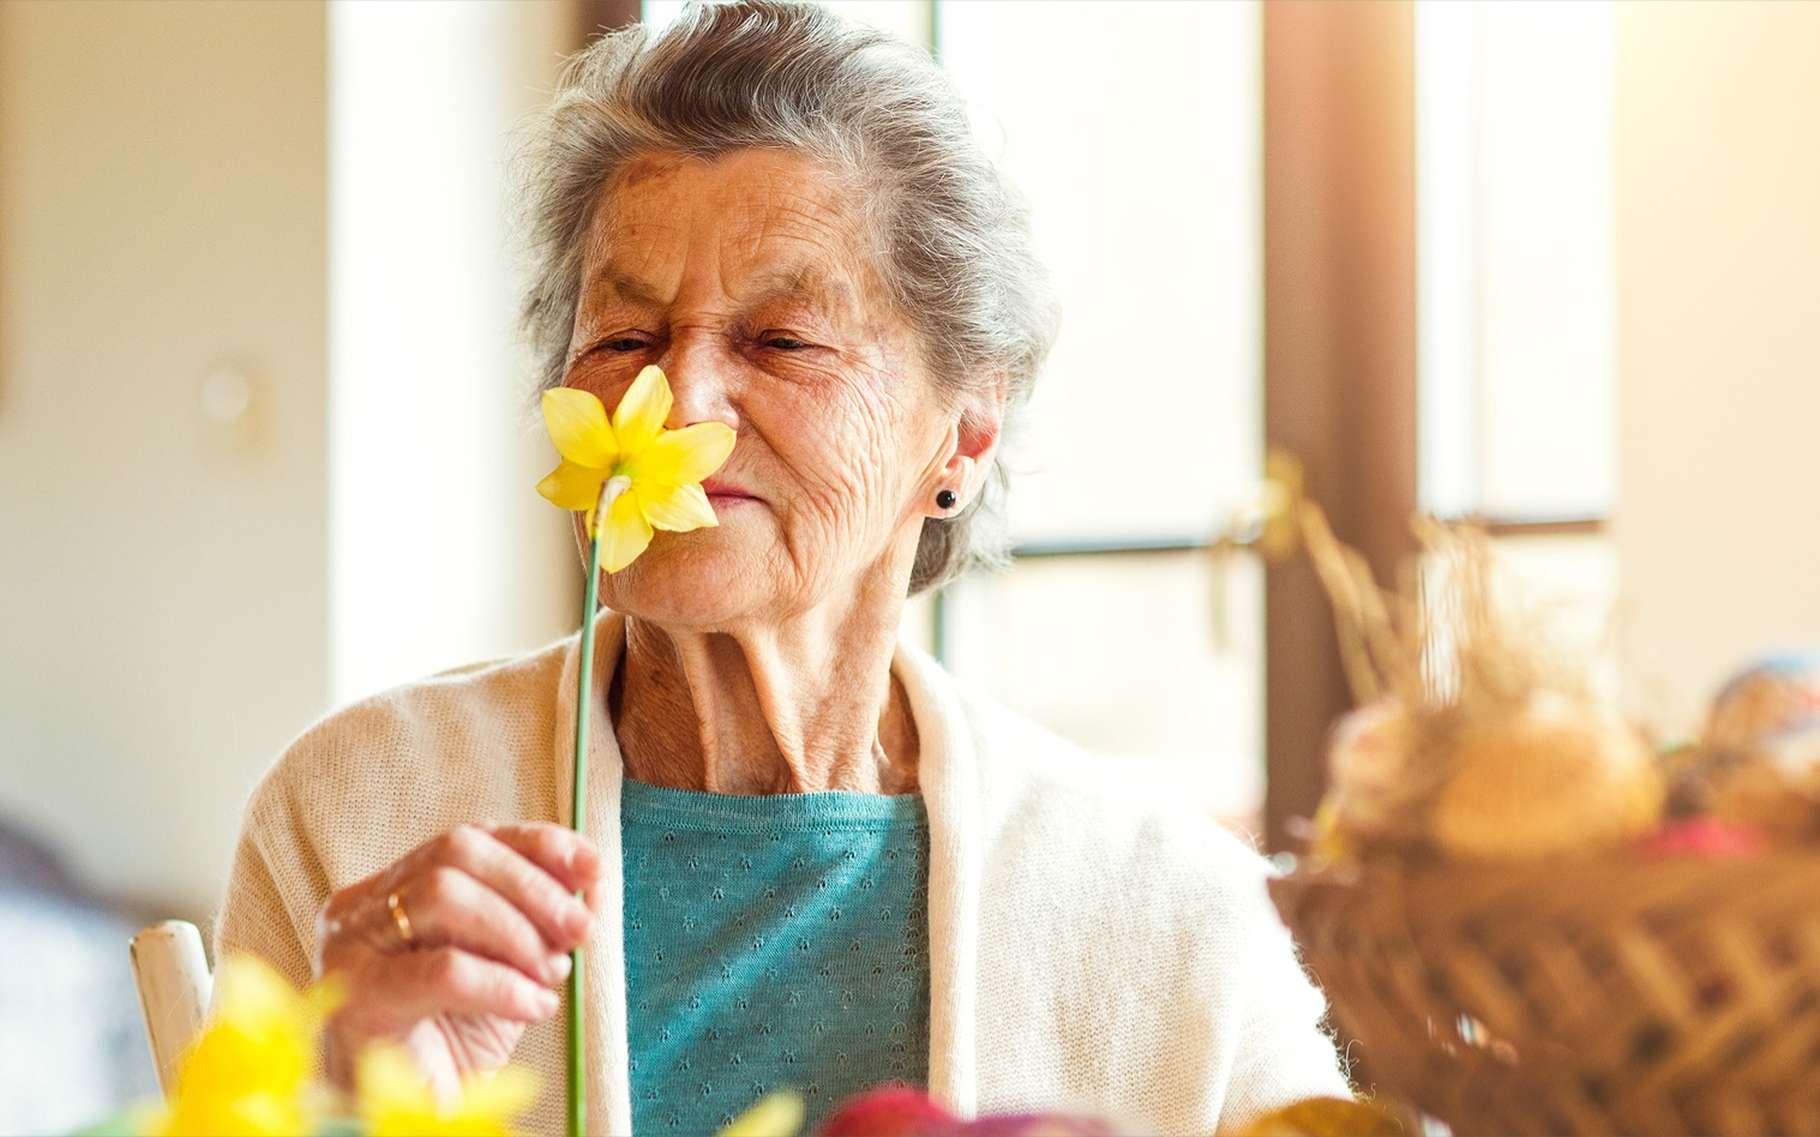 La perte d'odorat est un symptôme courant de la maladie d'Alzheimer. © Halfpoint, Shutterstock